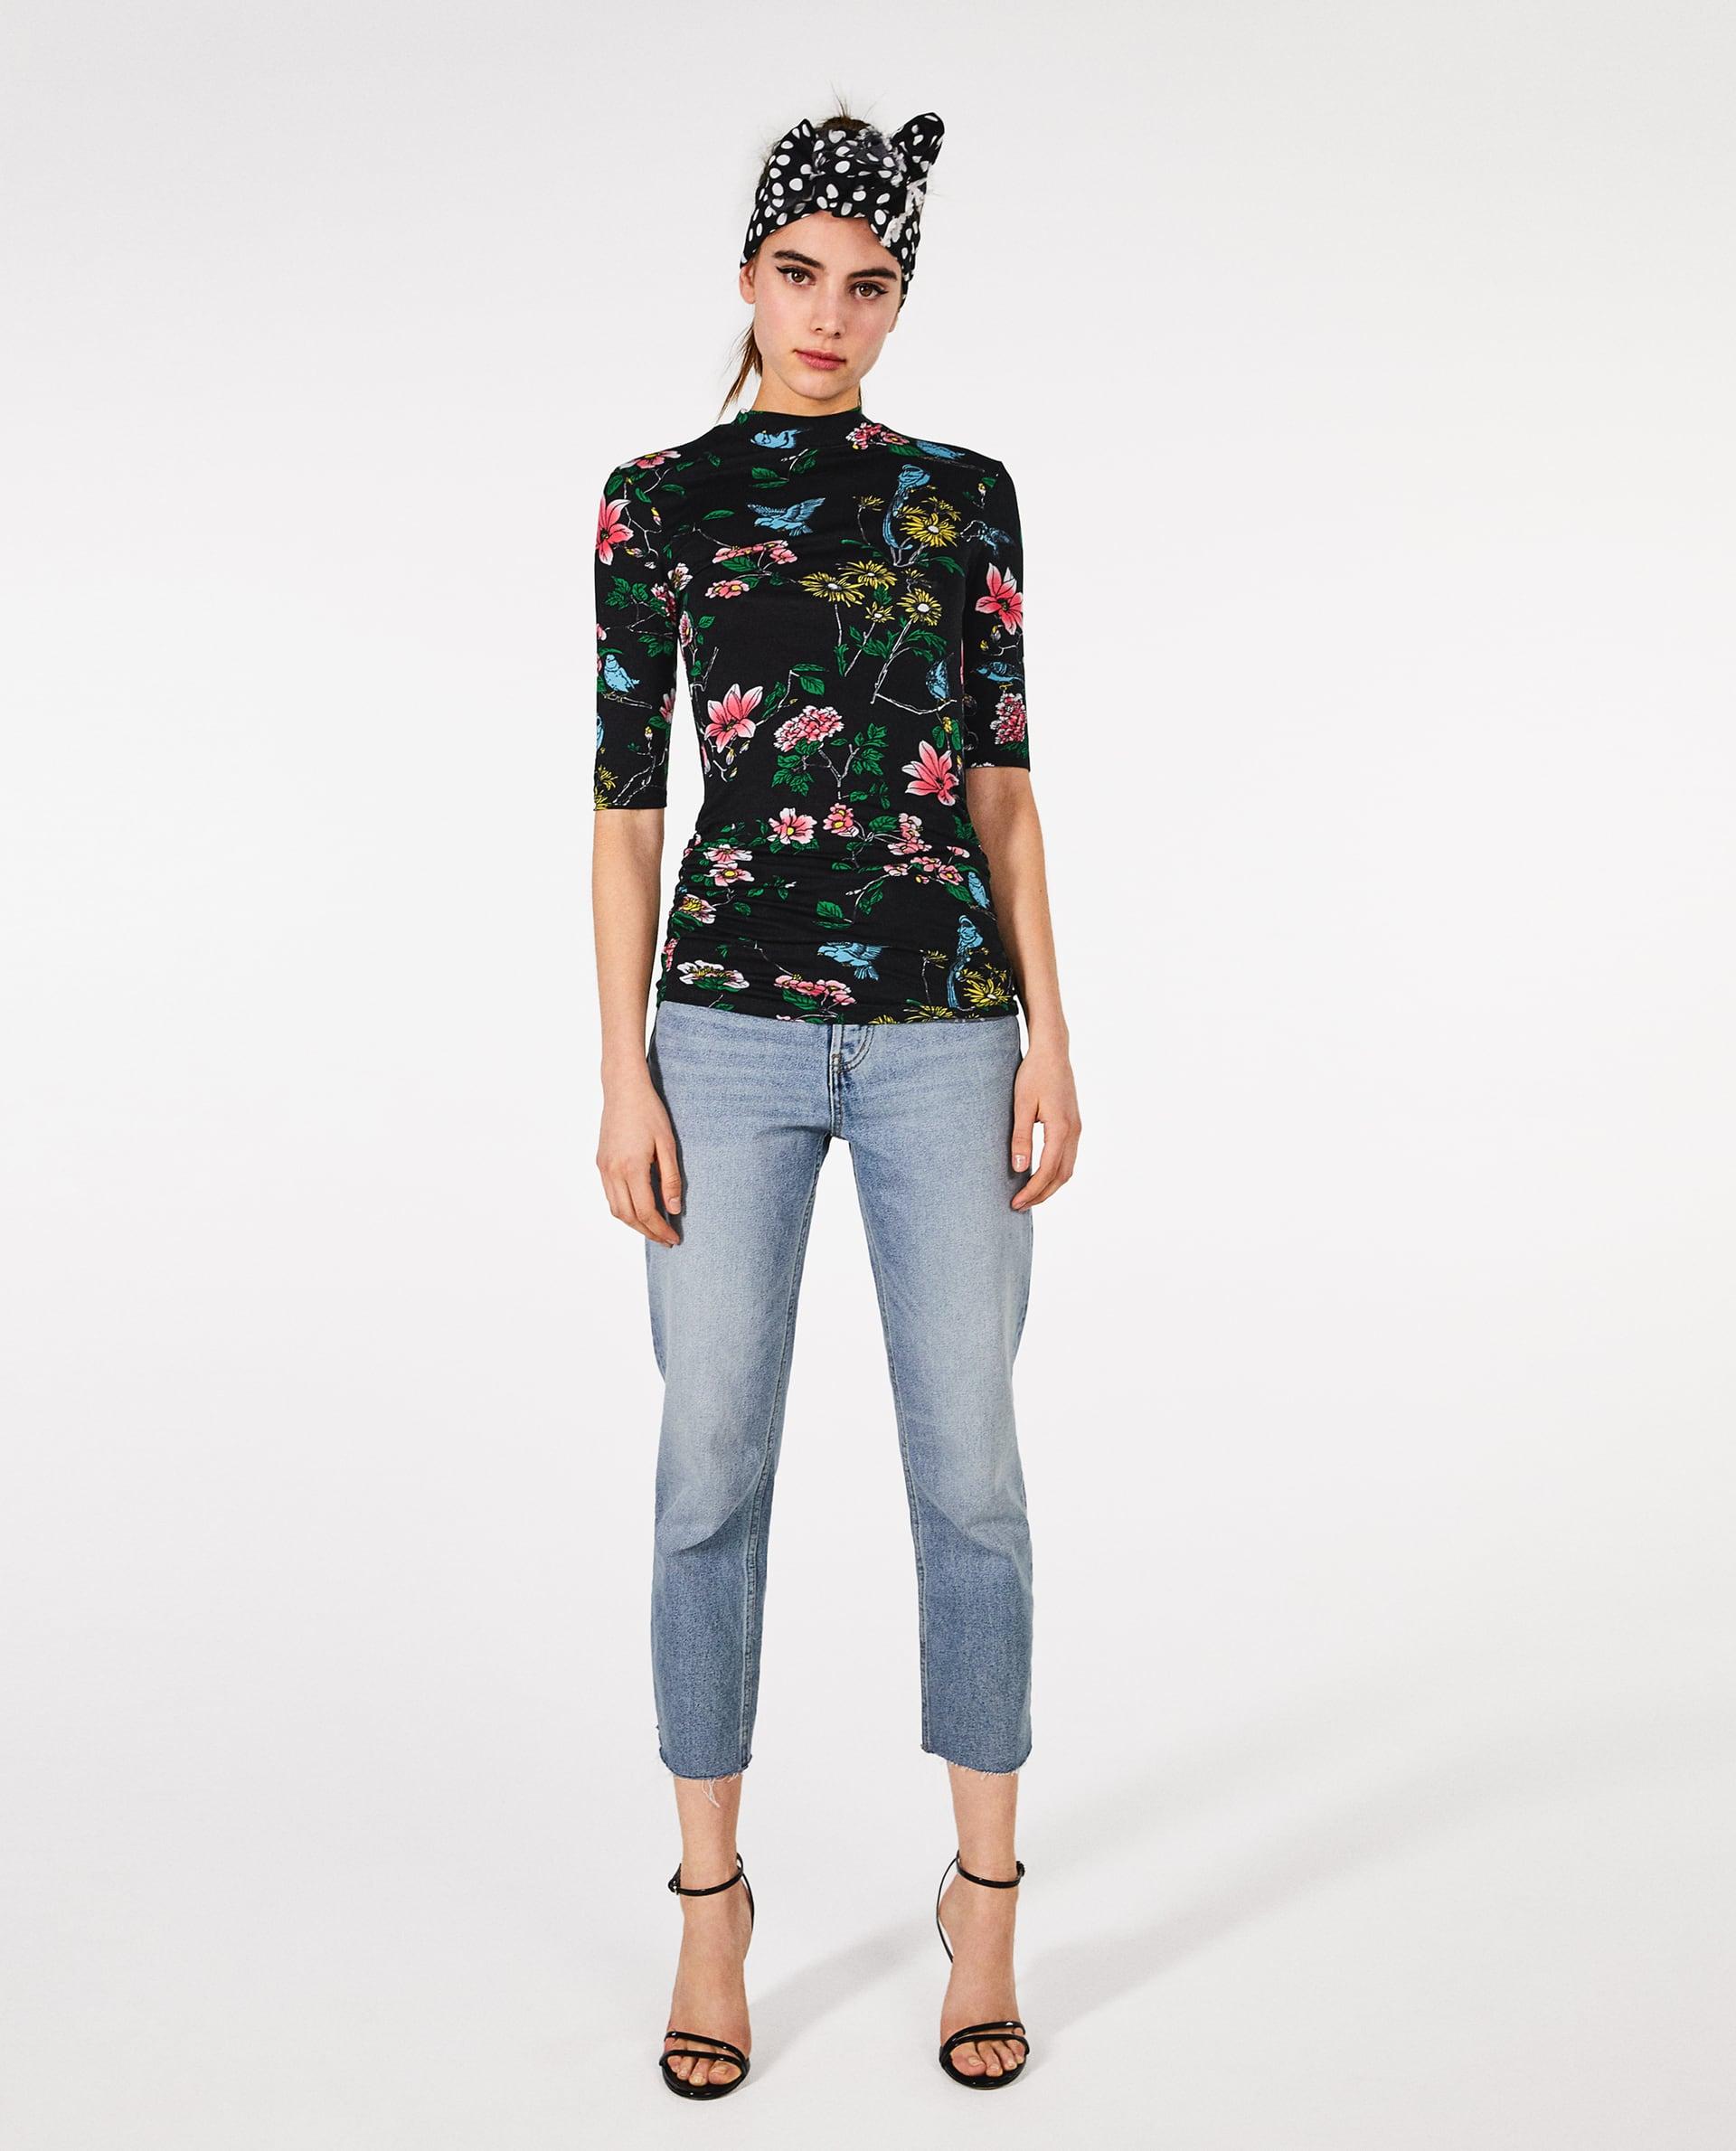 Zara abbigliamento PrimaveraEstate 2018: la nuova